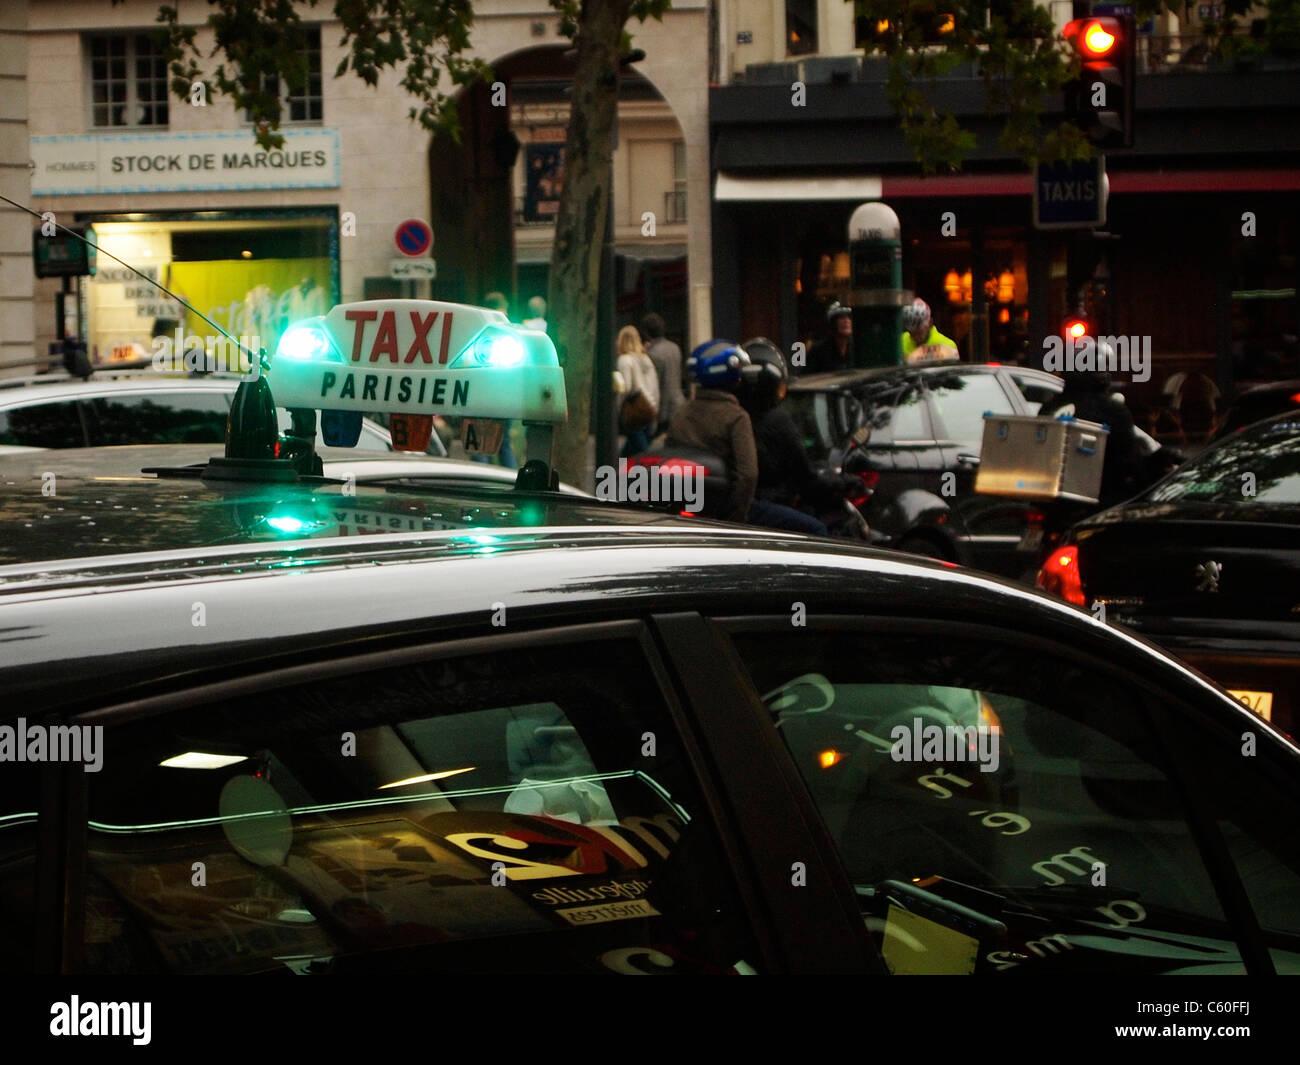 Illuminated Taxi Parisien sign in the evening, Paris Saint Germain quarter. - Stock Image